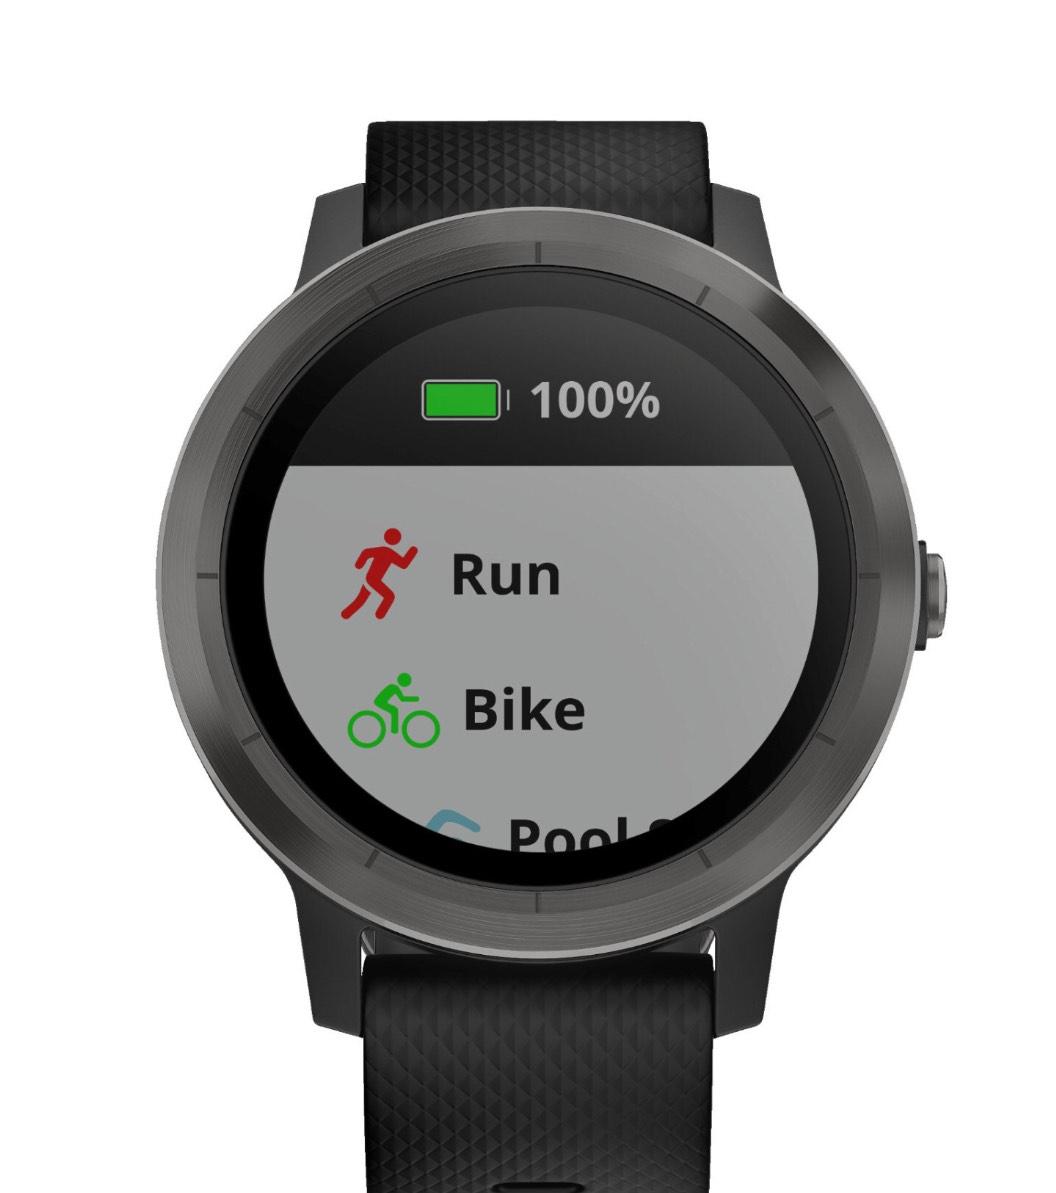 GARMIN vívoactive 3, Smartwatch, Silikon, 127-204 mm, Grau/Schwarz - versandkostenfrei